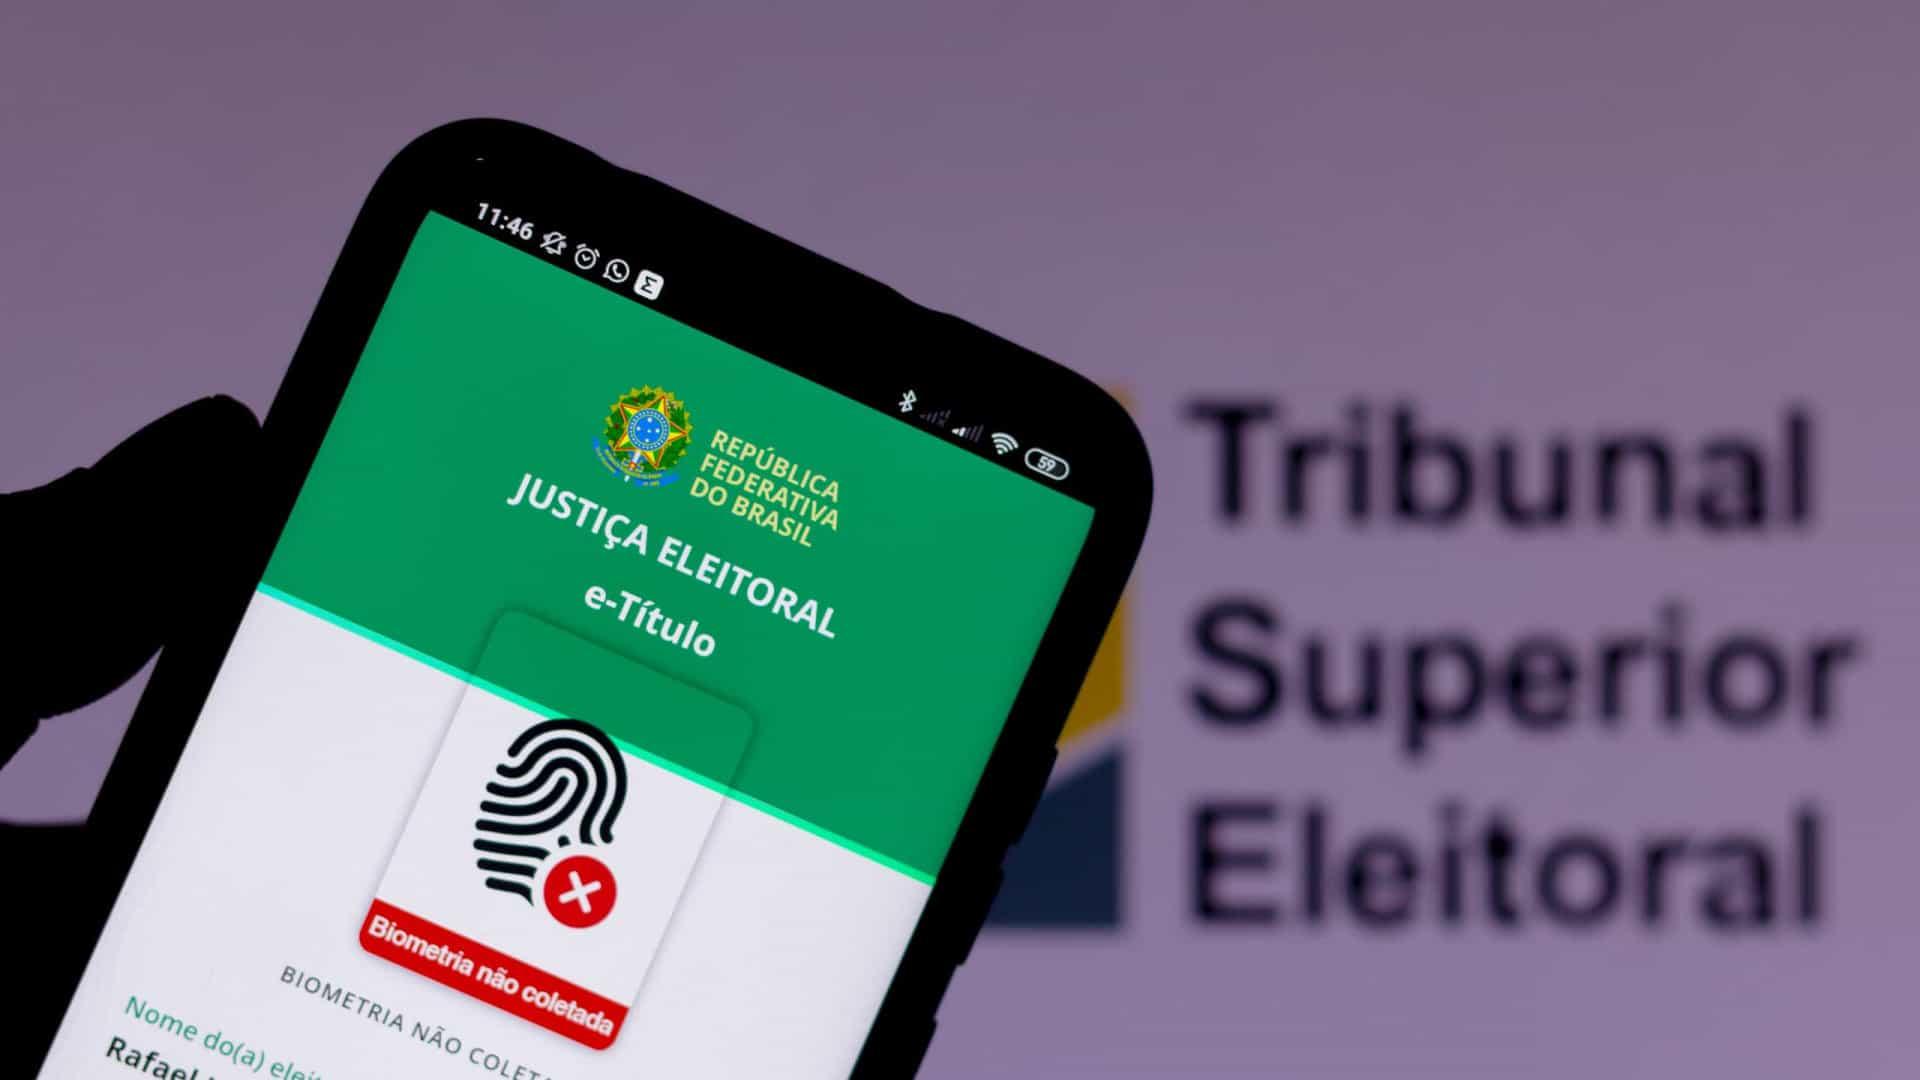 naom 5f7447a6070d6 - Eleições 2020 – Confira os aplicativos da Justiça Eleitoral